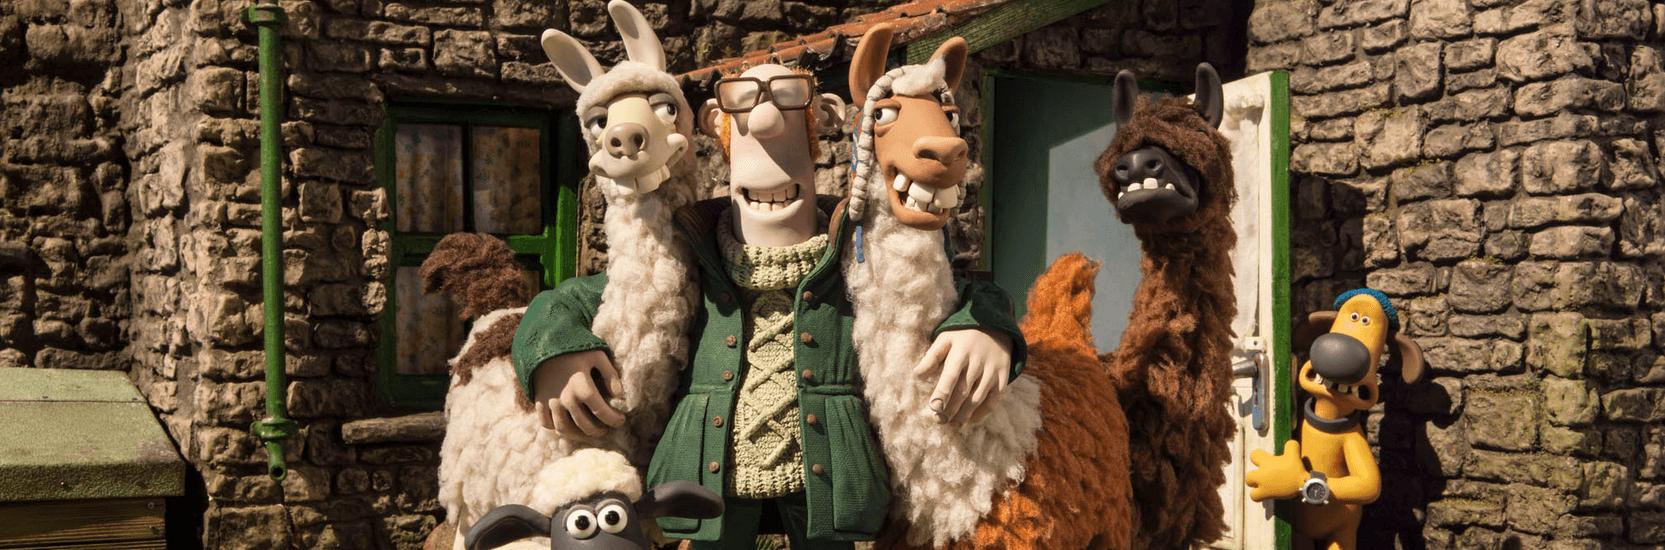 Critique – Shaun le mouton : Les lamas du fermier